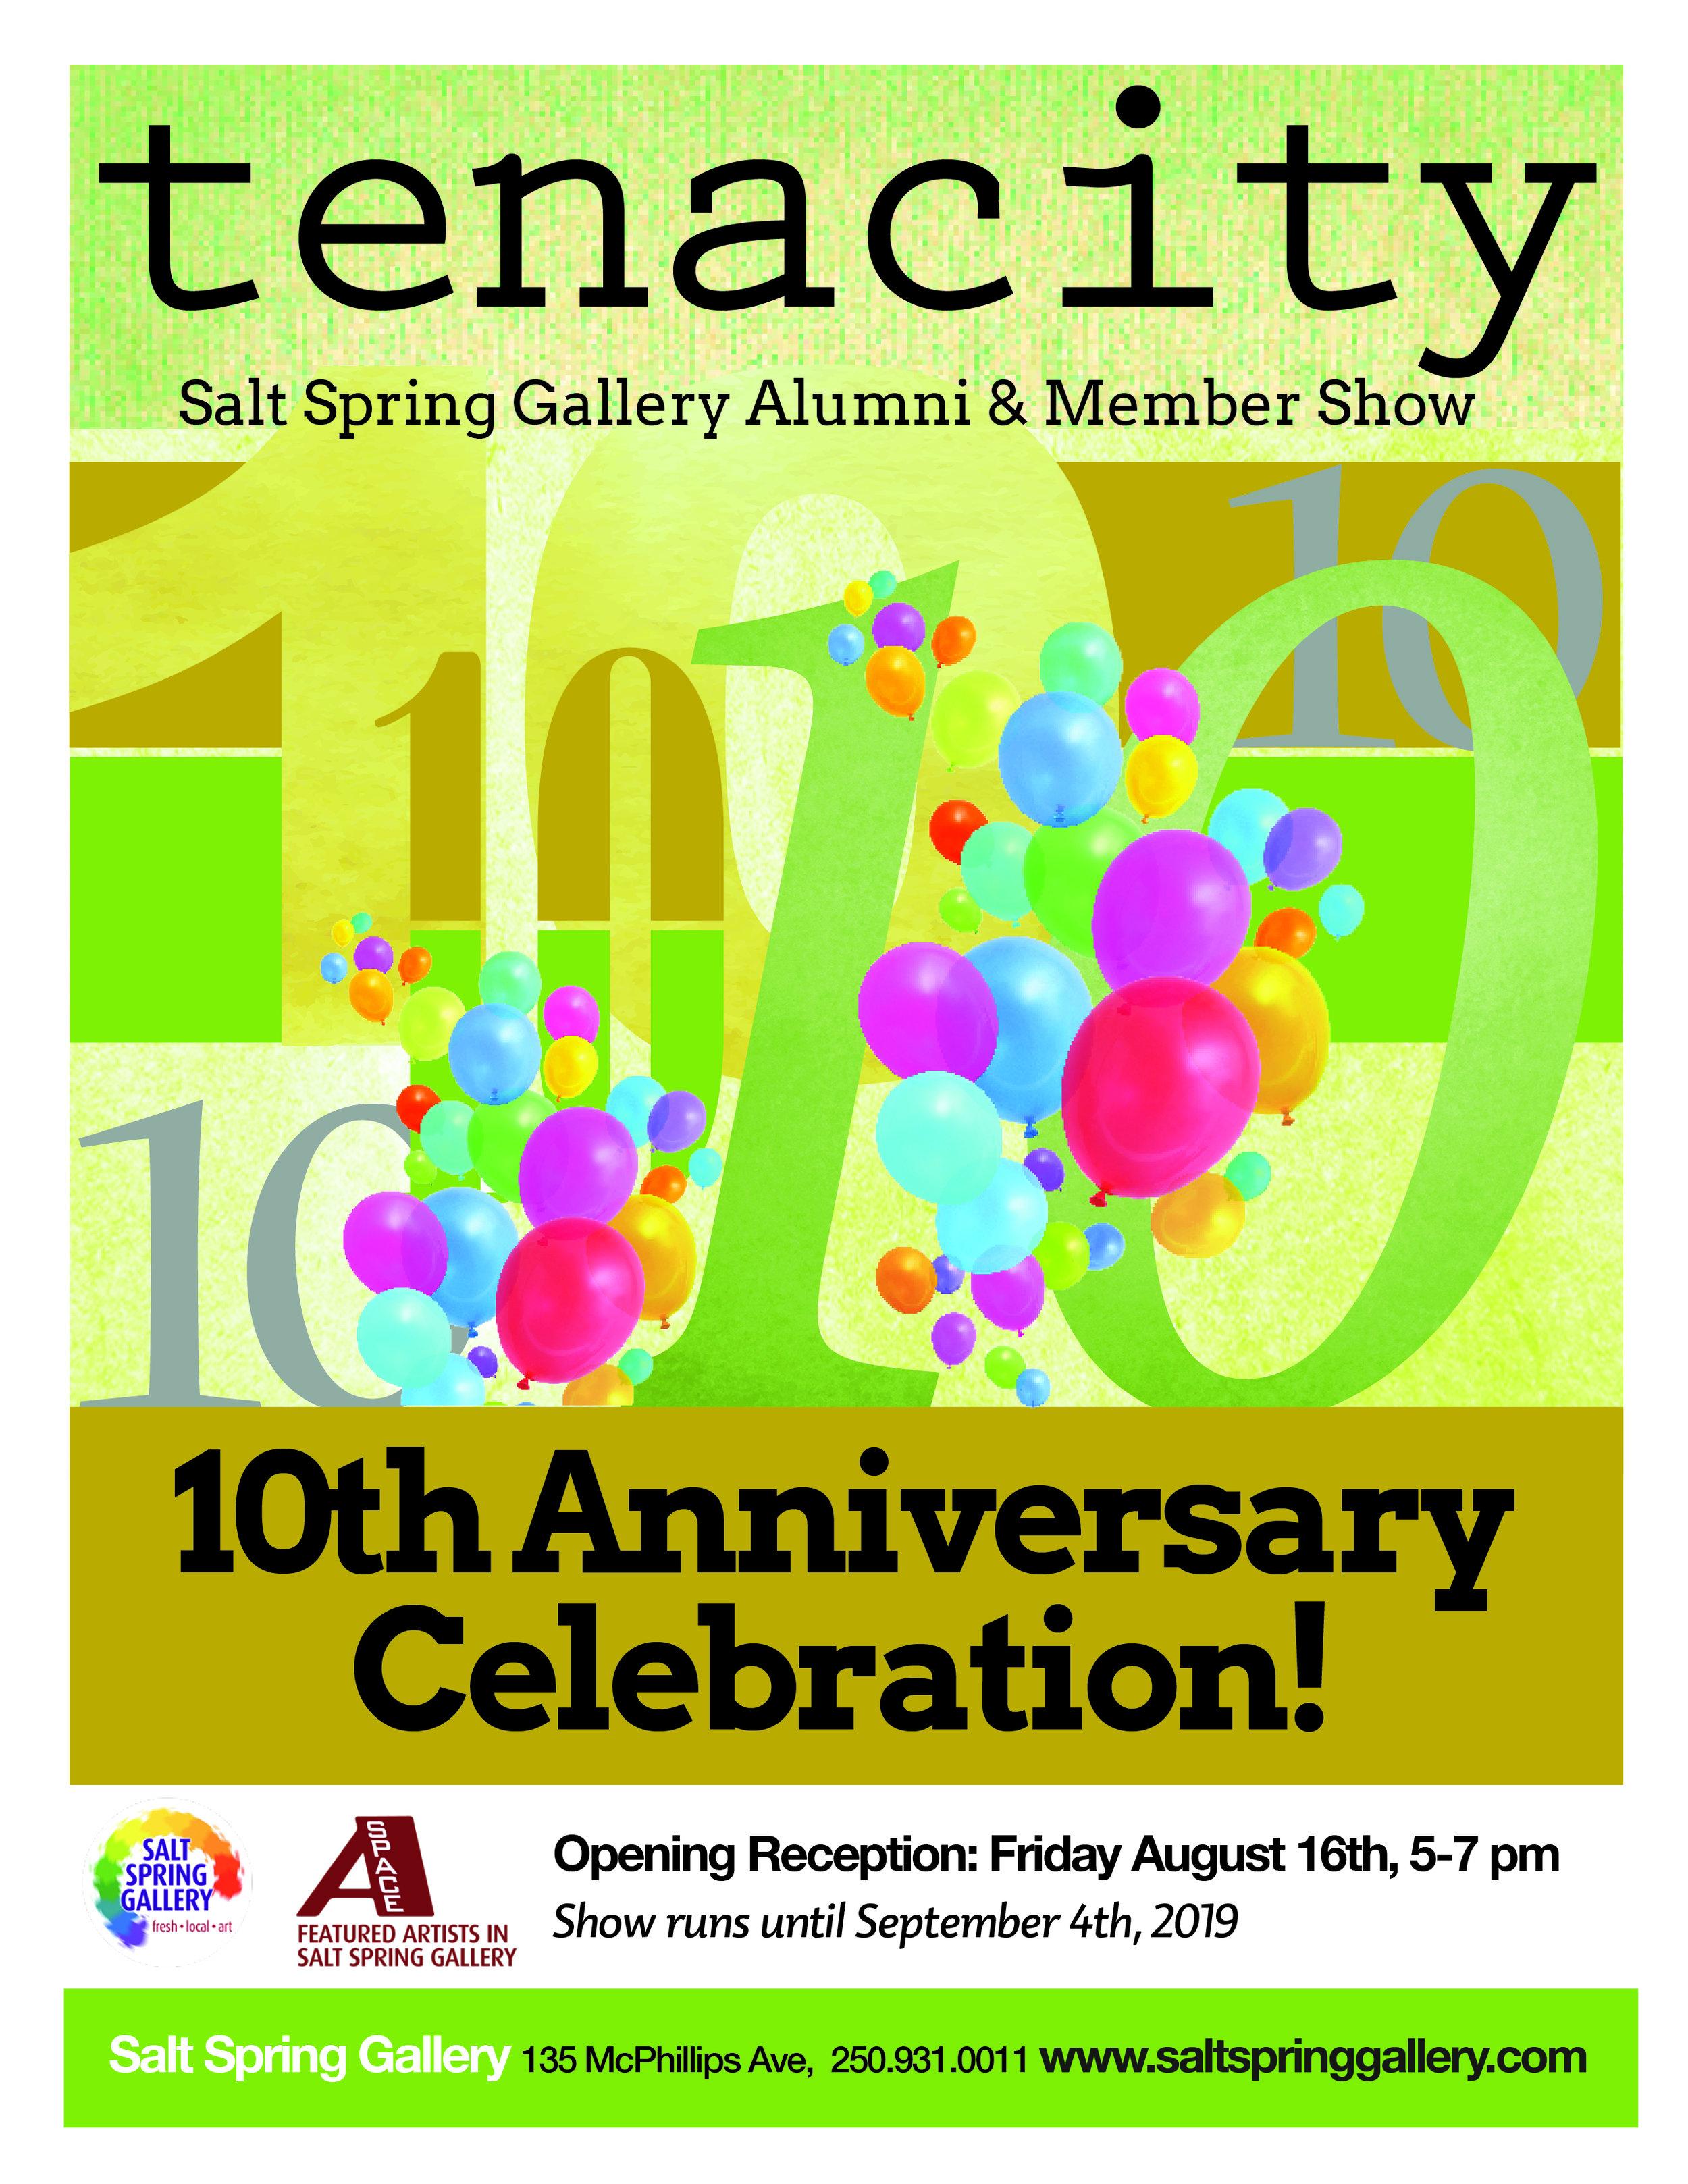 tenacity salt spring gallery poster-letter size.jpg